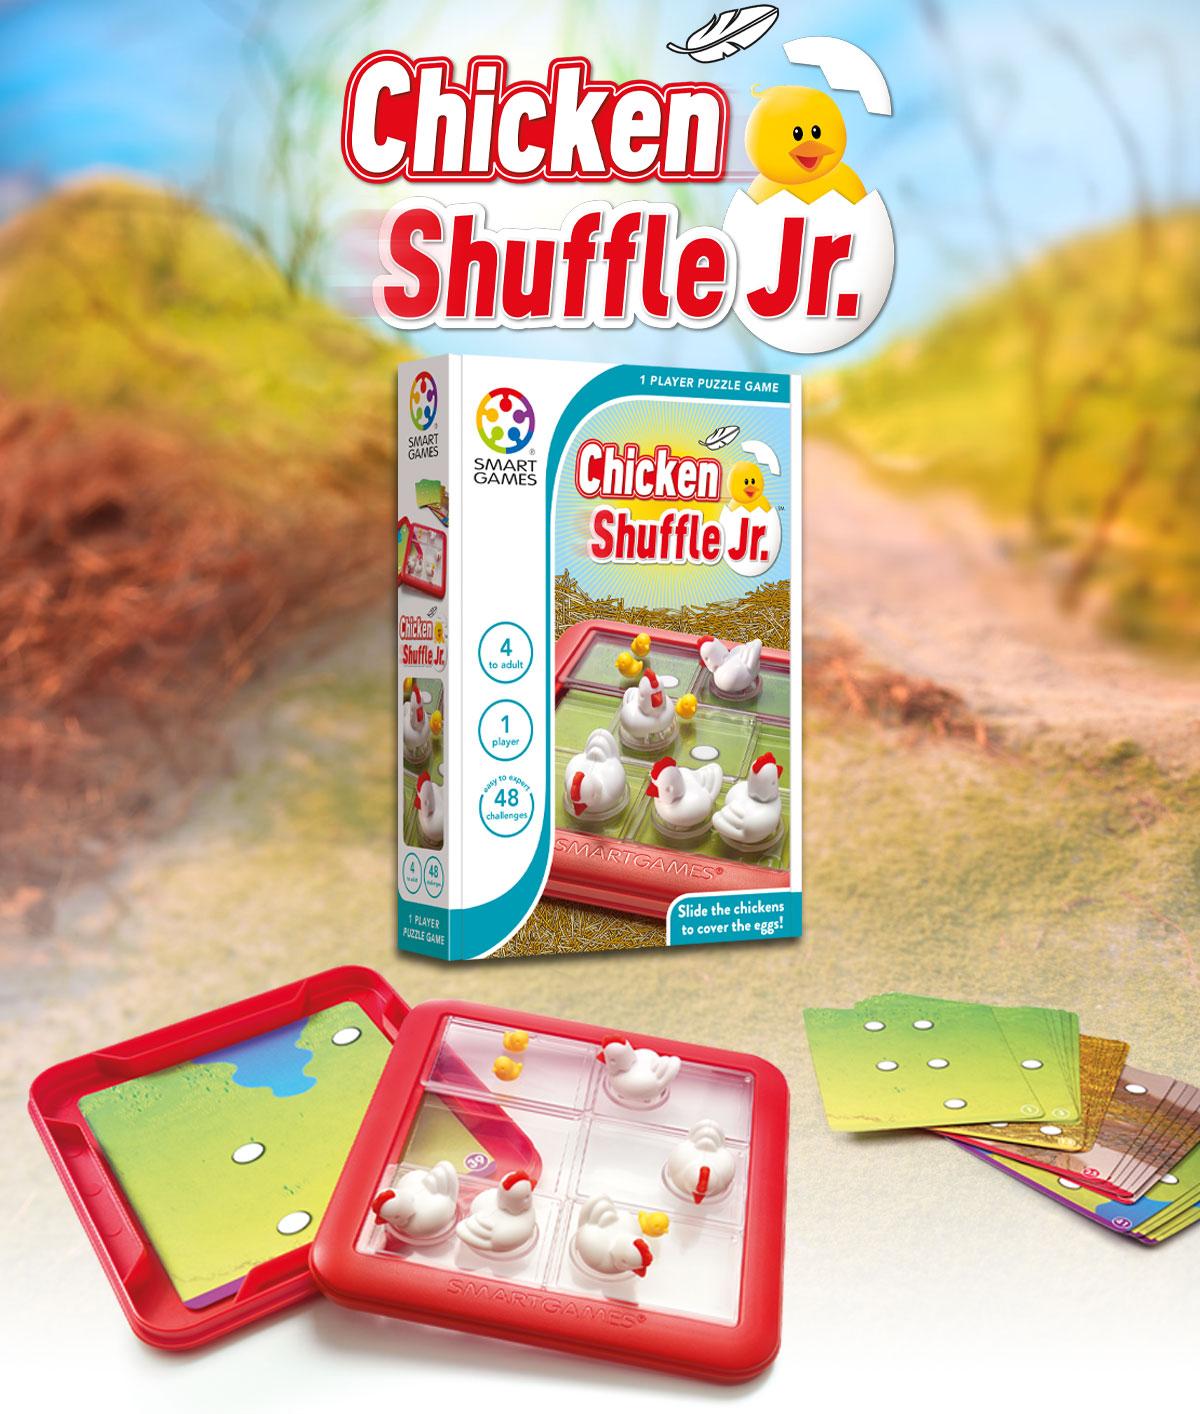 Chicken Shuffle Jr